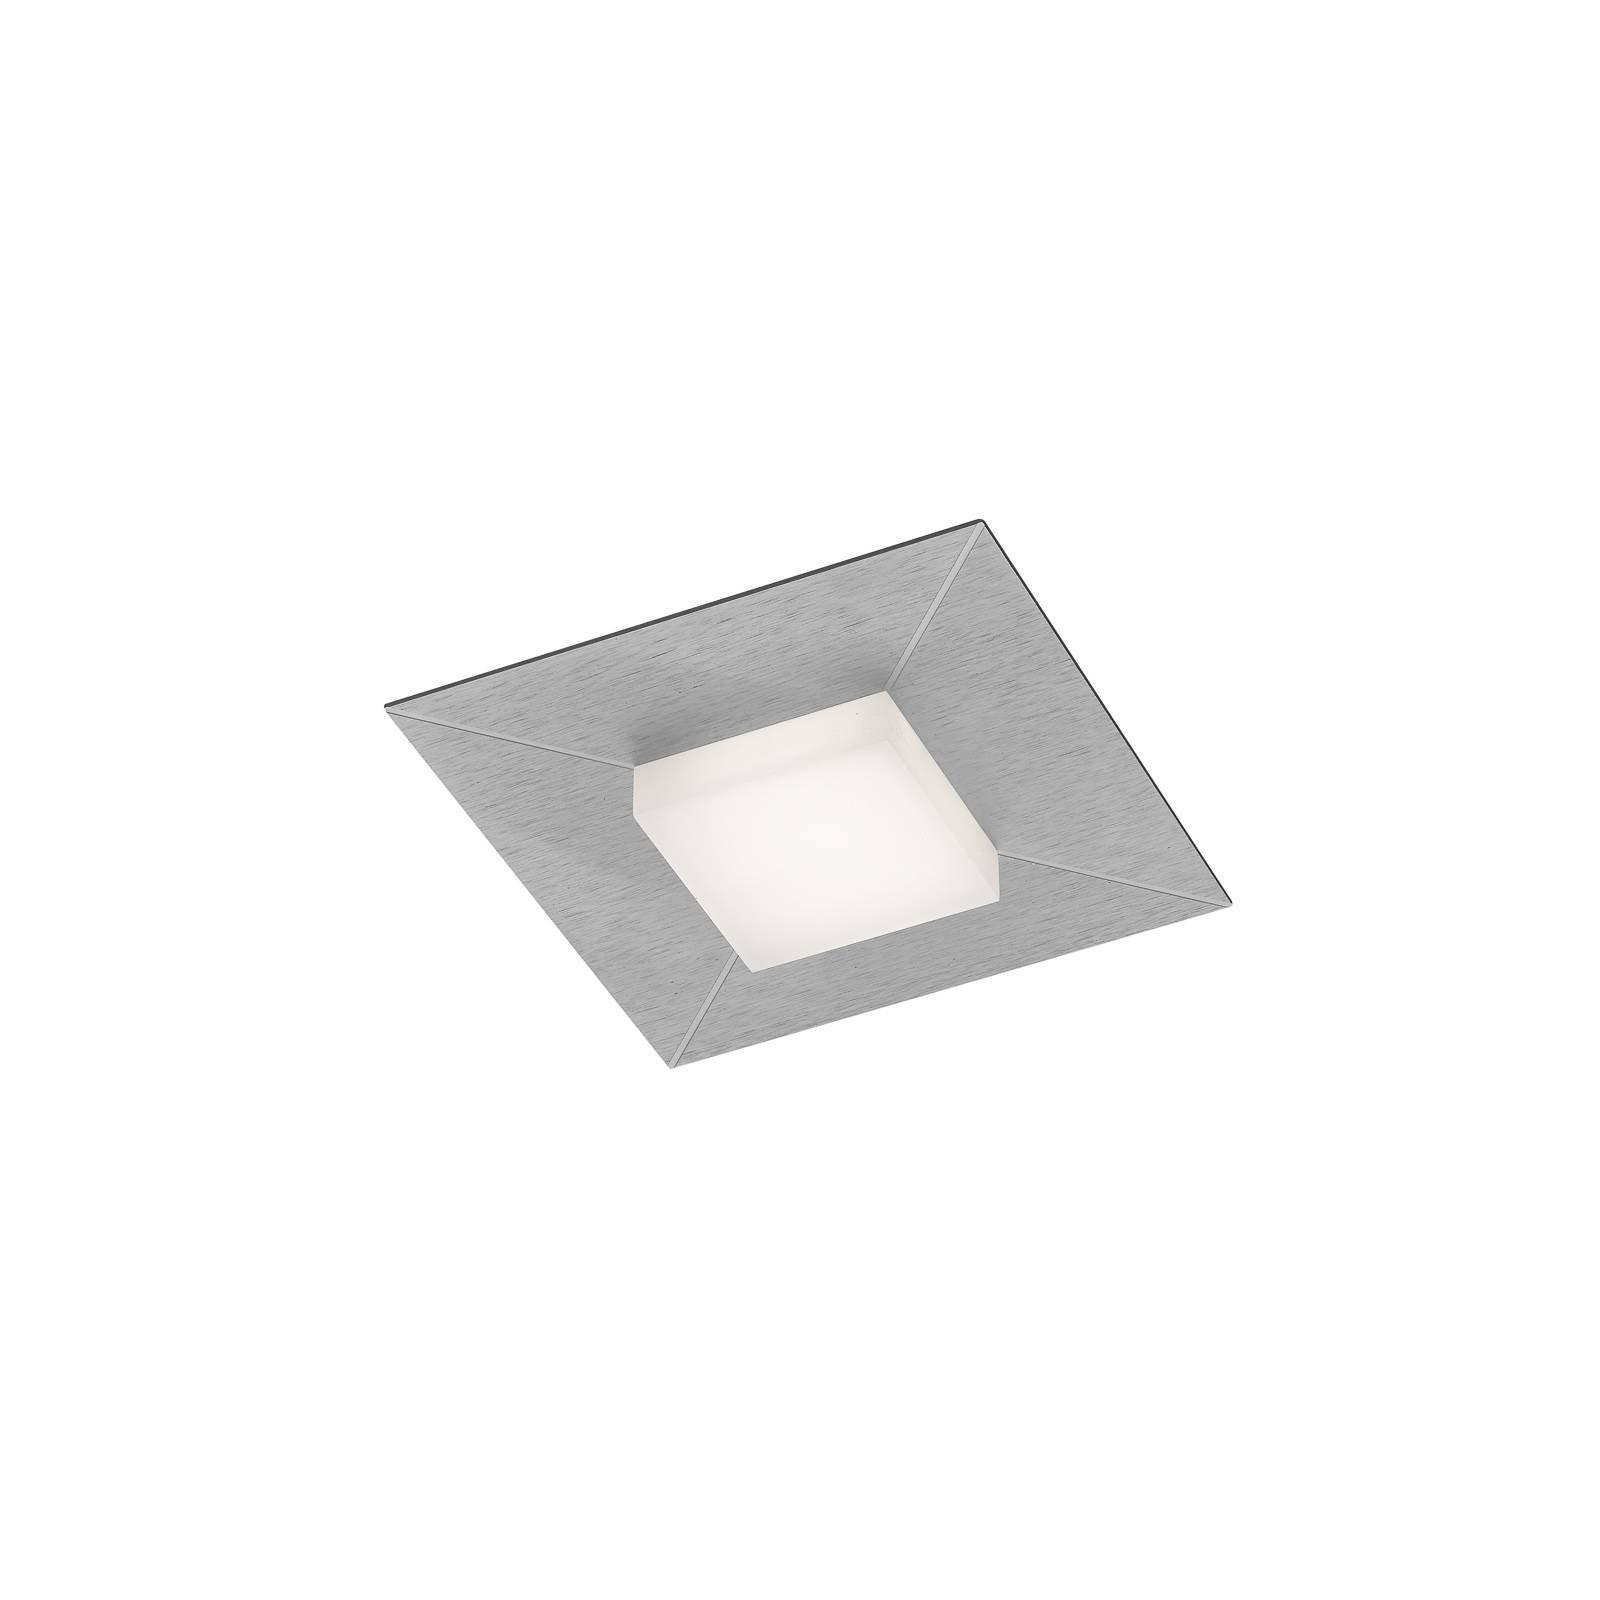 BANKAMP Diamond taklampe 17x17 cm, sølv